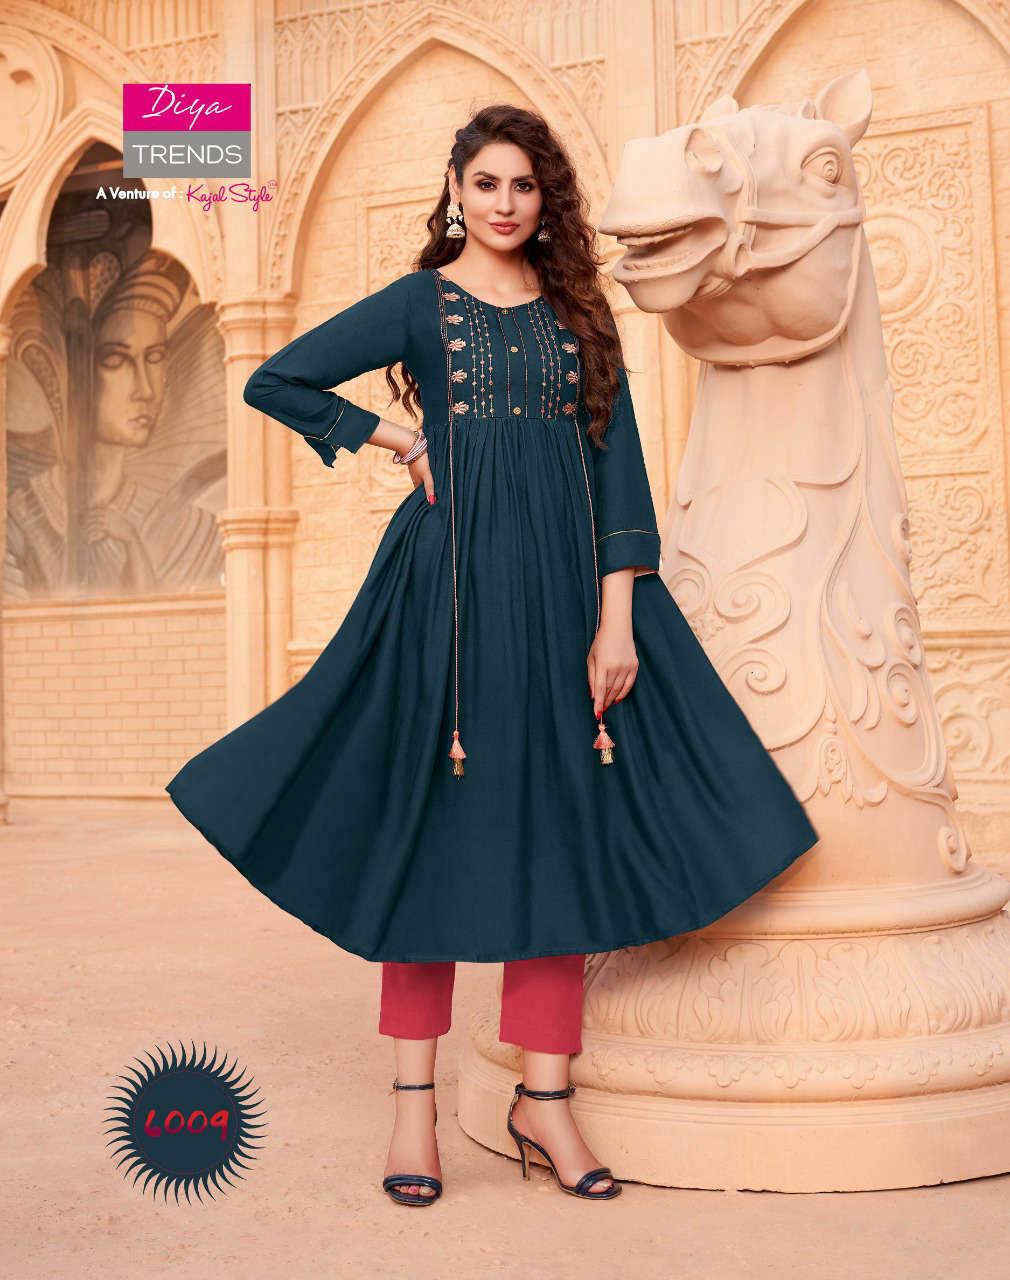 Diya Trends Ethnicity Vol 6 by Kajal Style Kurti Wholesale Catalog 10 Pcs 12 - Diya Trends Ethnicity Vol 6 by Kajal Style Kurti Wholesale Catalog 10 Pcs